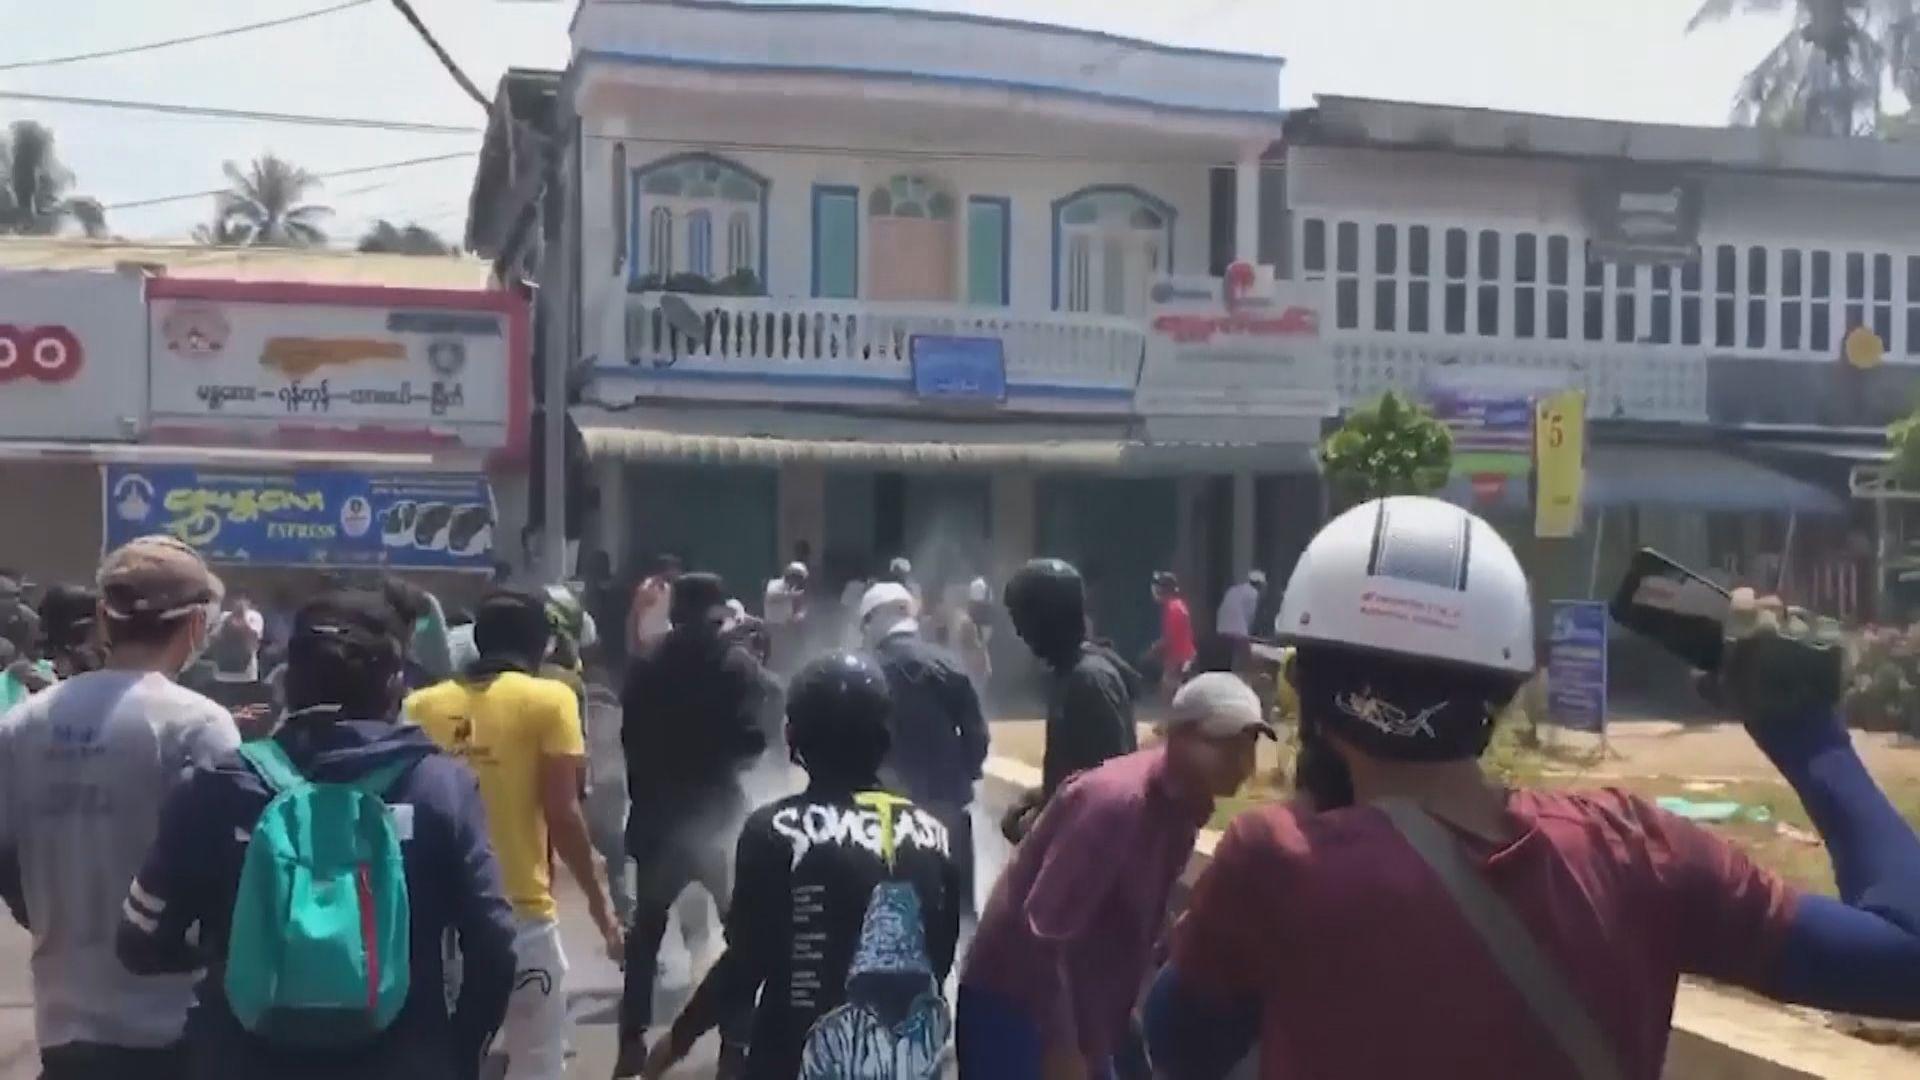 緬甸北部南部城鎮警察向示威者開槍 據報至少三死